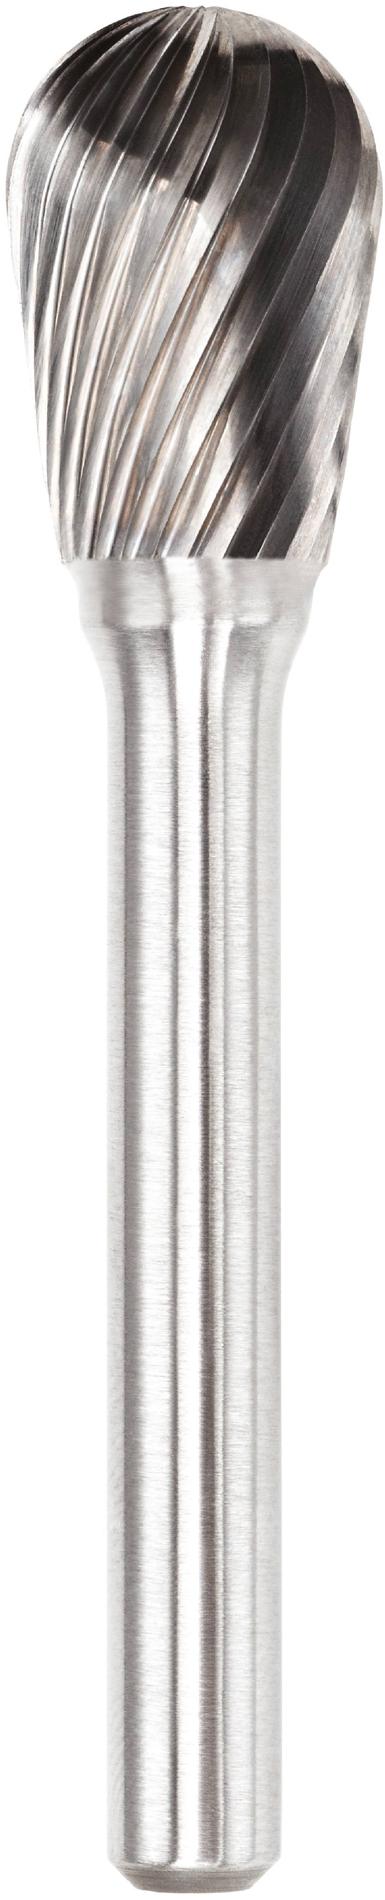 procut Hartmetallfrässtift Combifrässtift DN DN61220-2 Schaft-∅ 6 mm - Kopf-∅ 12 mm - Standardverzahnung (PC-DN61220-2) Bild-02